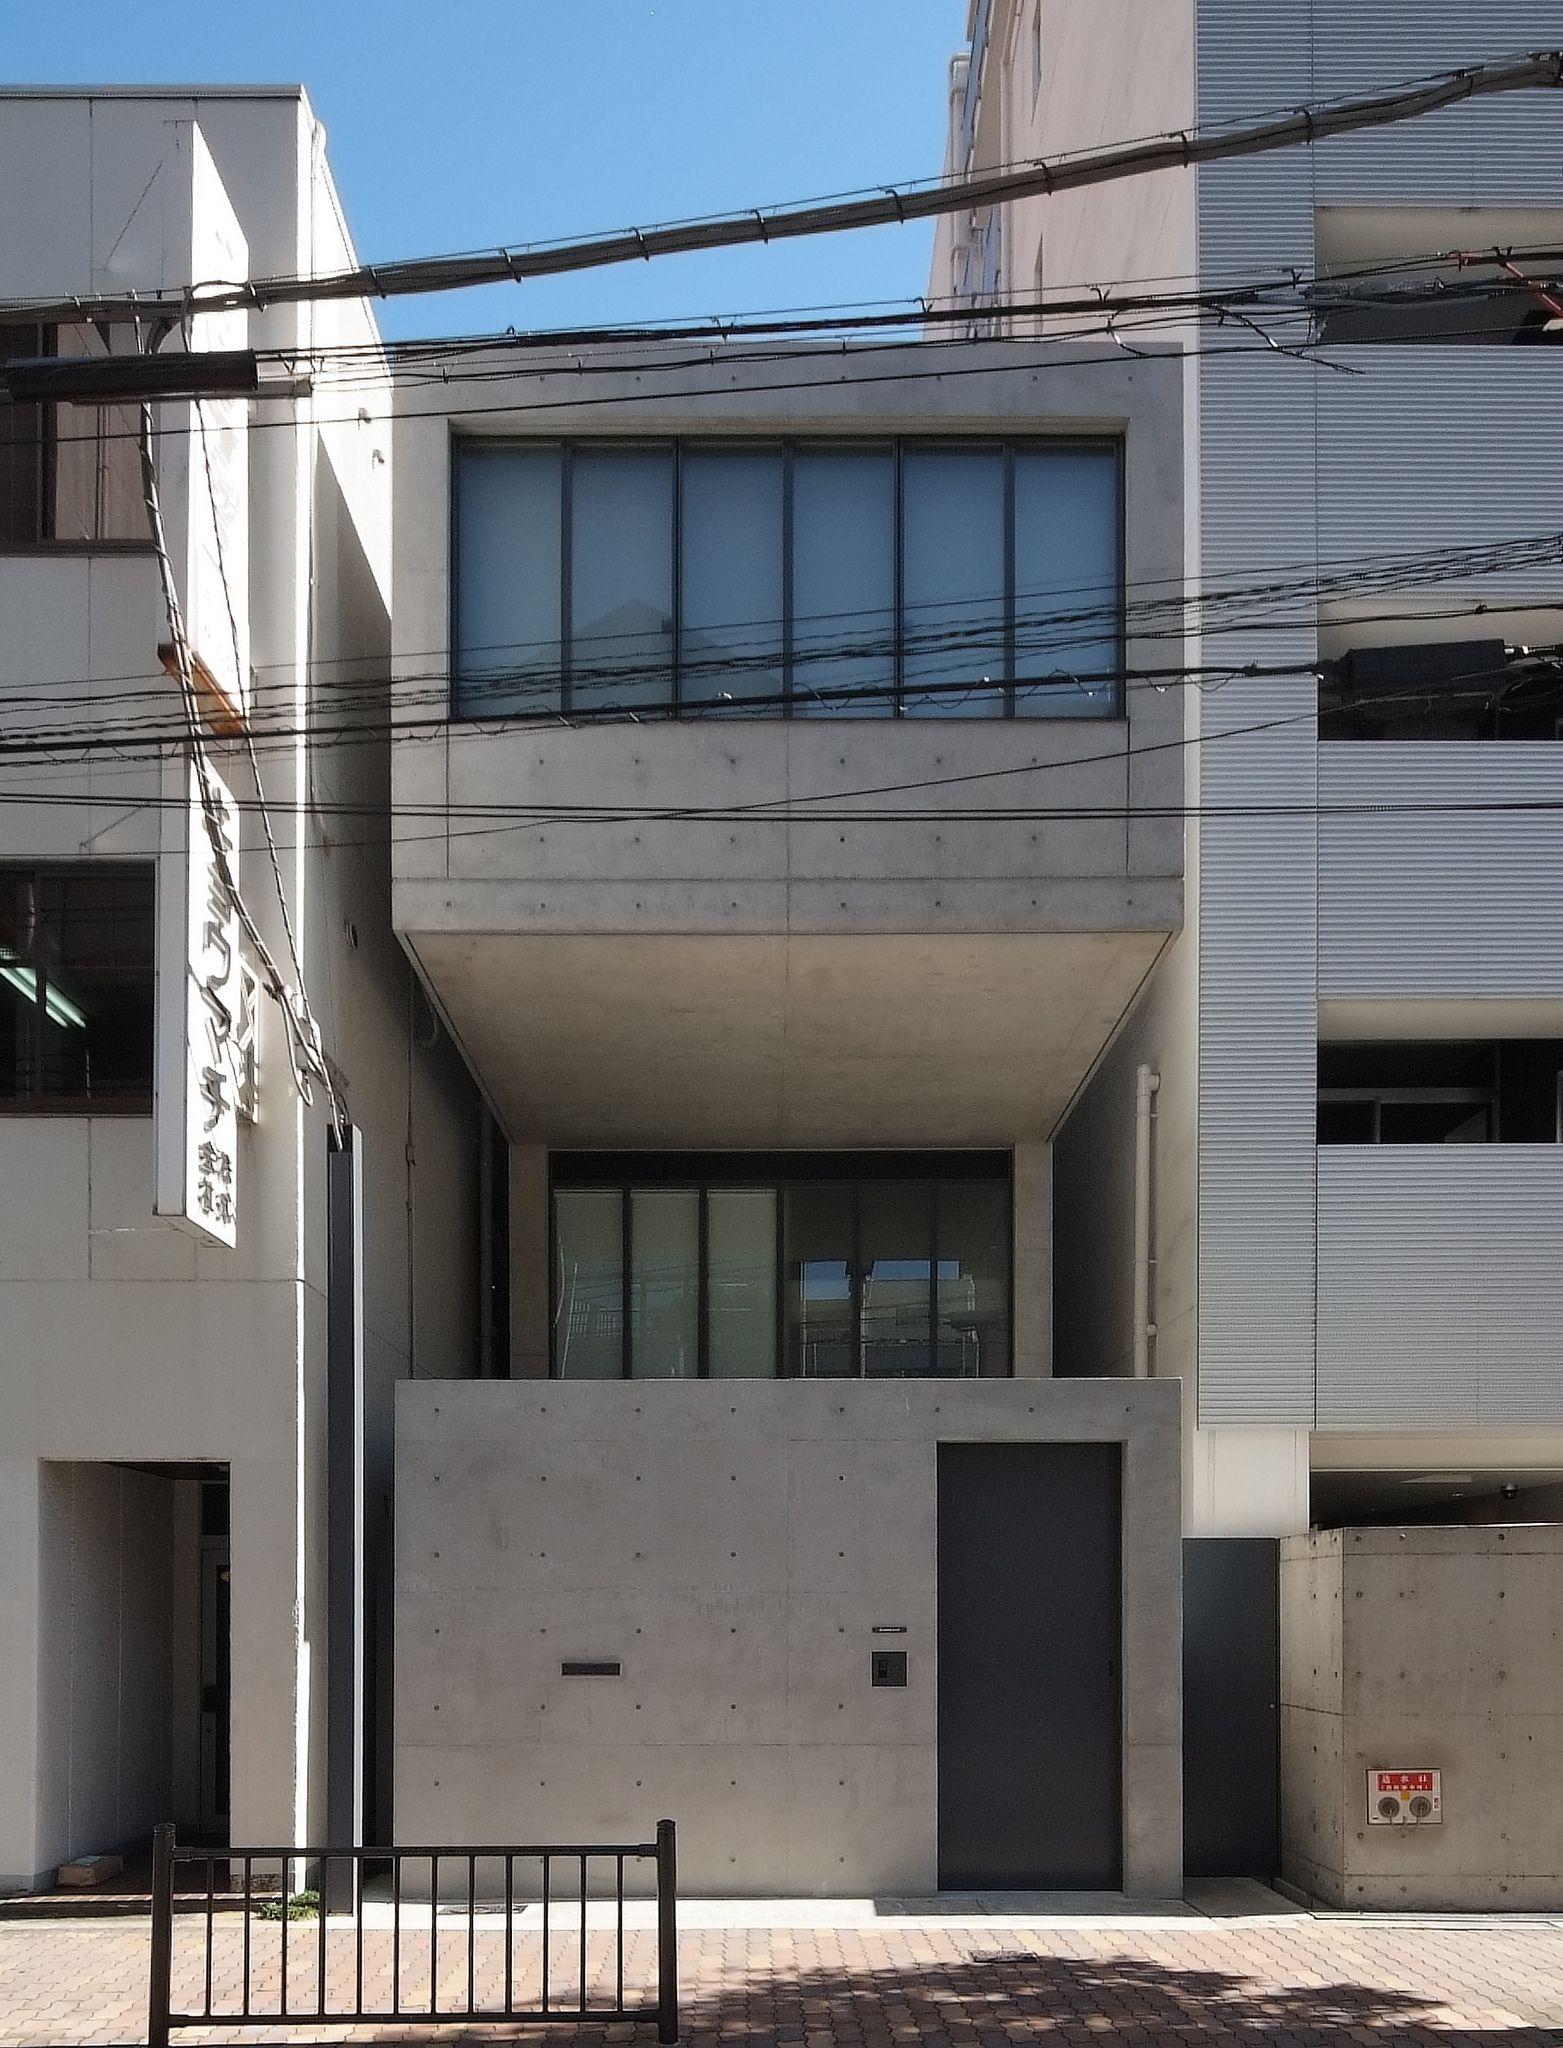 House In Utsubo Park Tadao Ando, Osaka, 2010 - Flickr